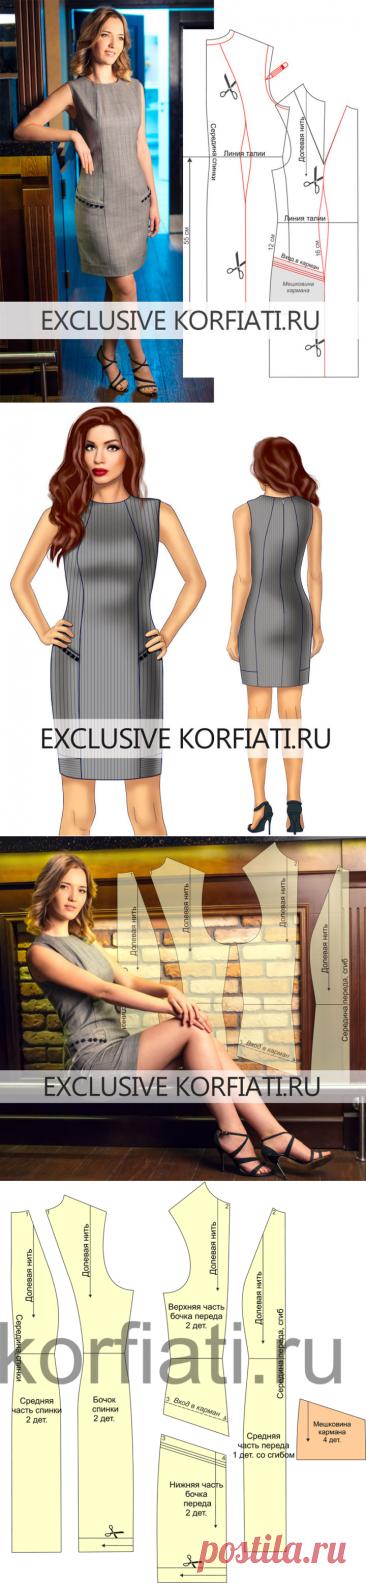 Выкройка платья с подрезными карманами от Анастасии Корфиати